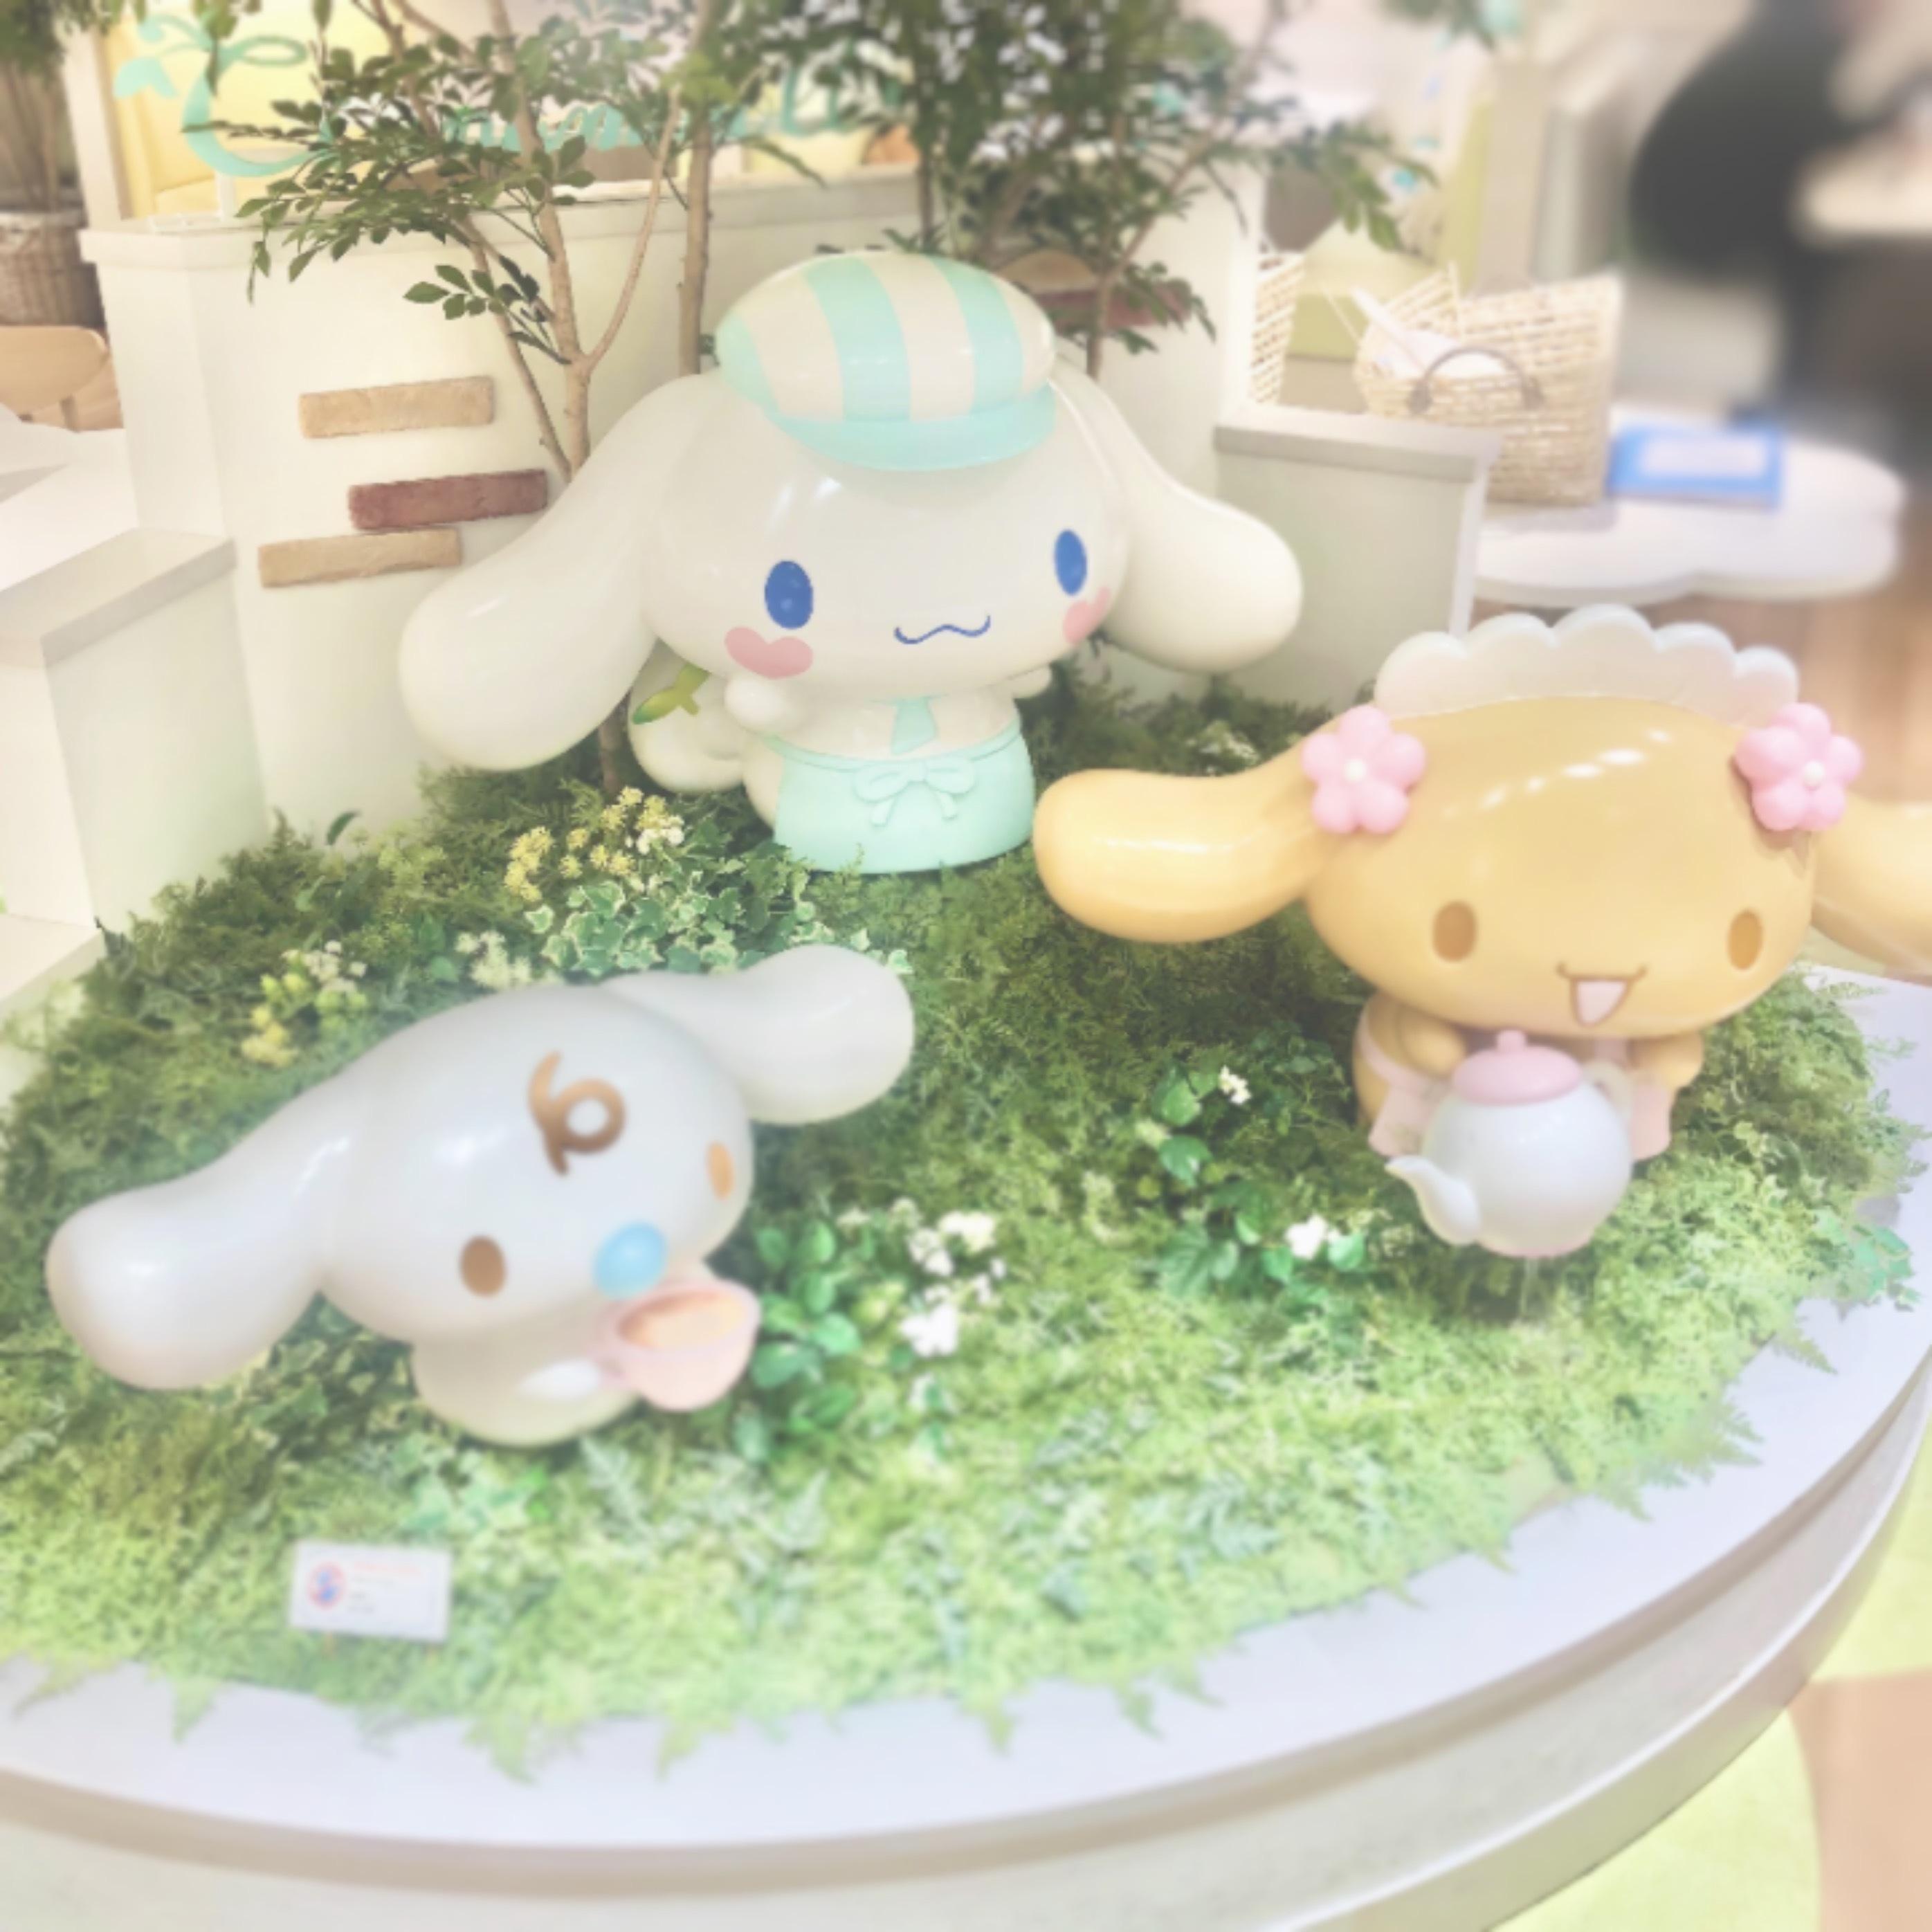 【 Cafe 】かわいいが大渋滞!シナモロールカフェ_1_2-1